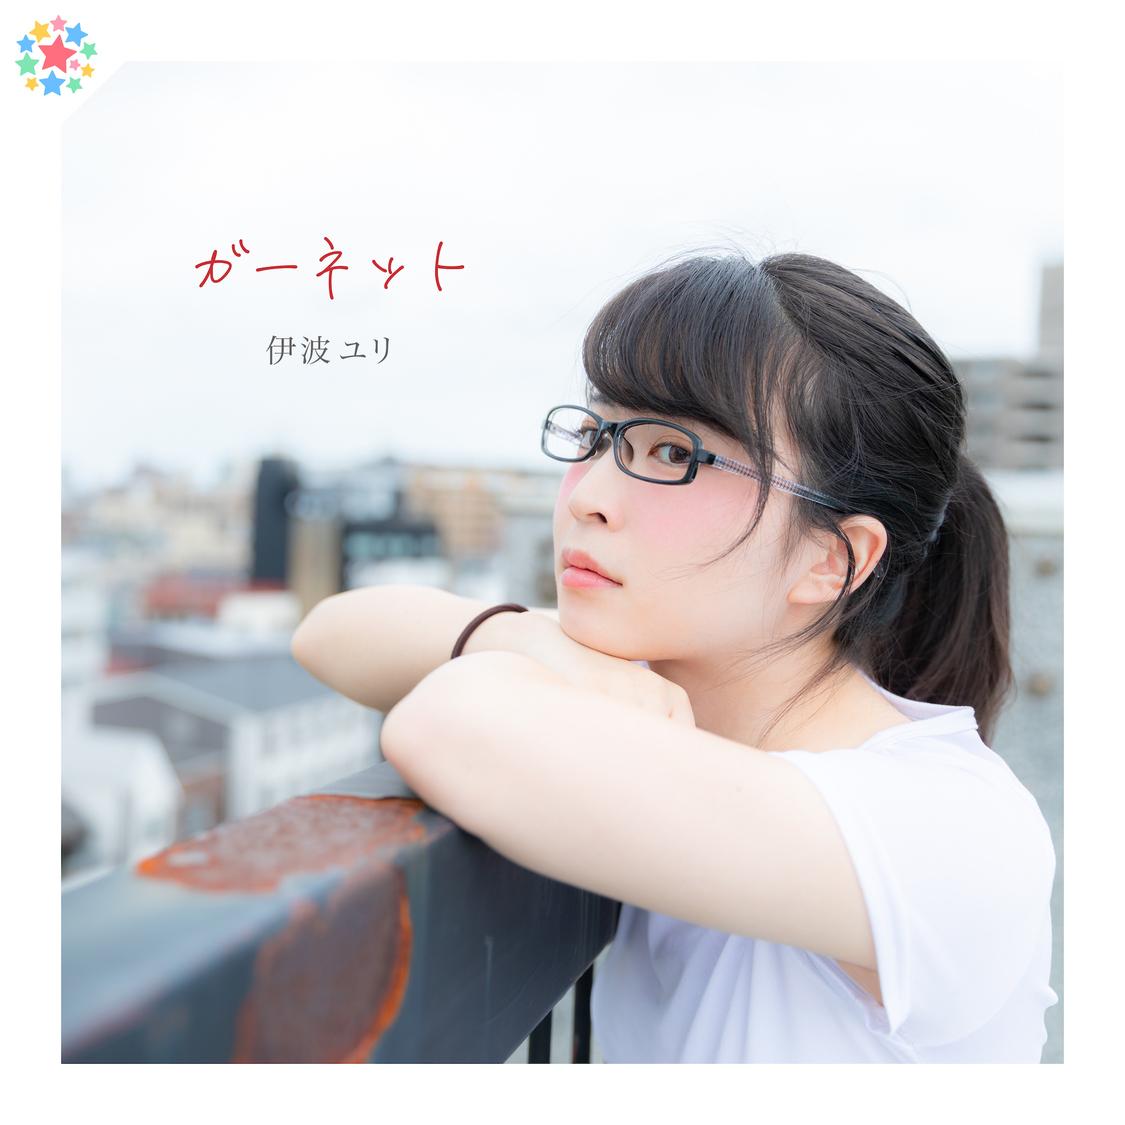 眼鏡美女コスプレイヤー 伊波ユリ、アニメ映画『時をかける少女』主題歌「ガーネット」カバー配信SGリリース!